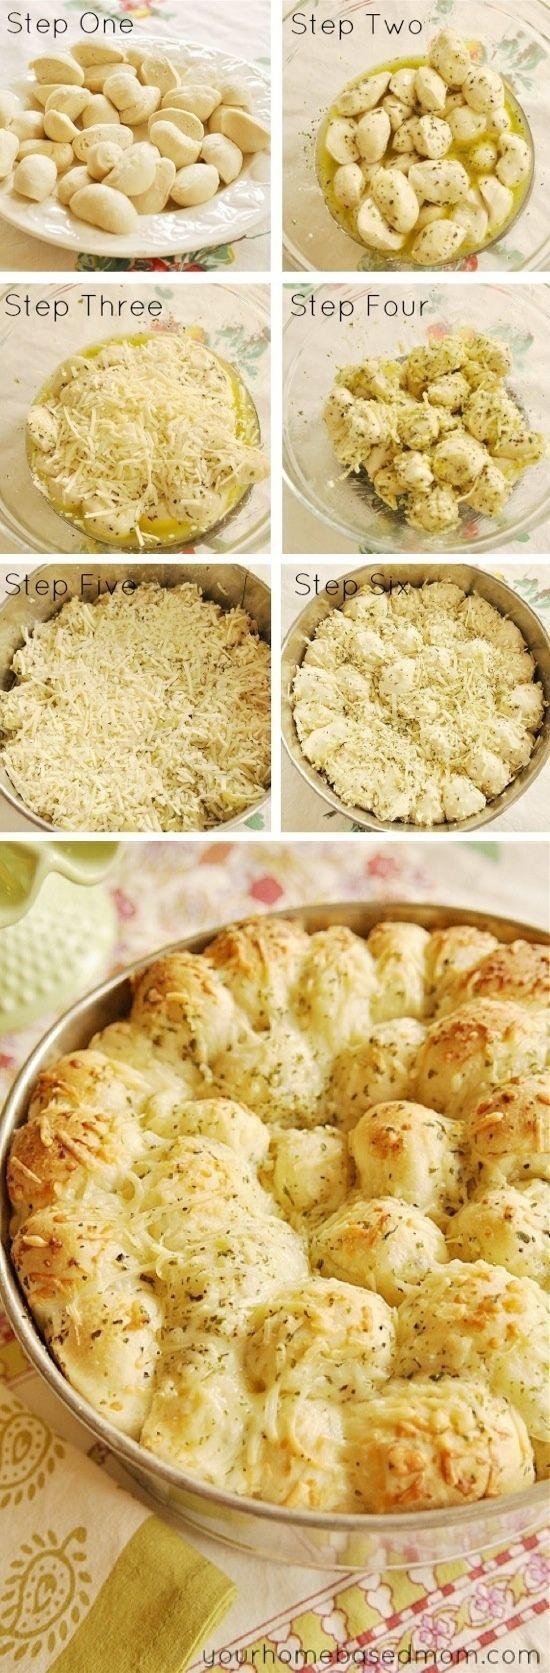 how to cook frozen garlic bread